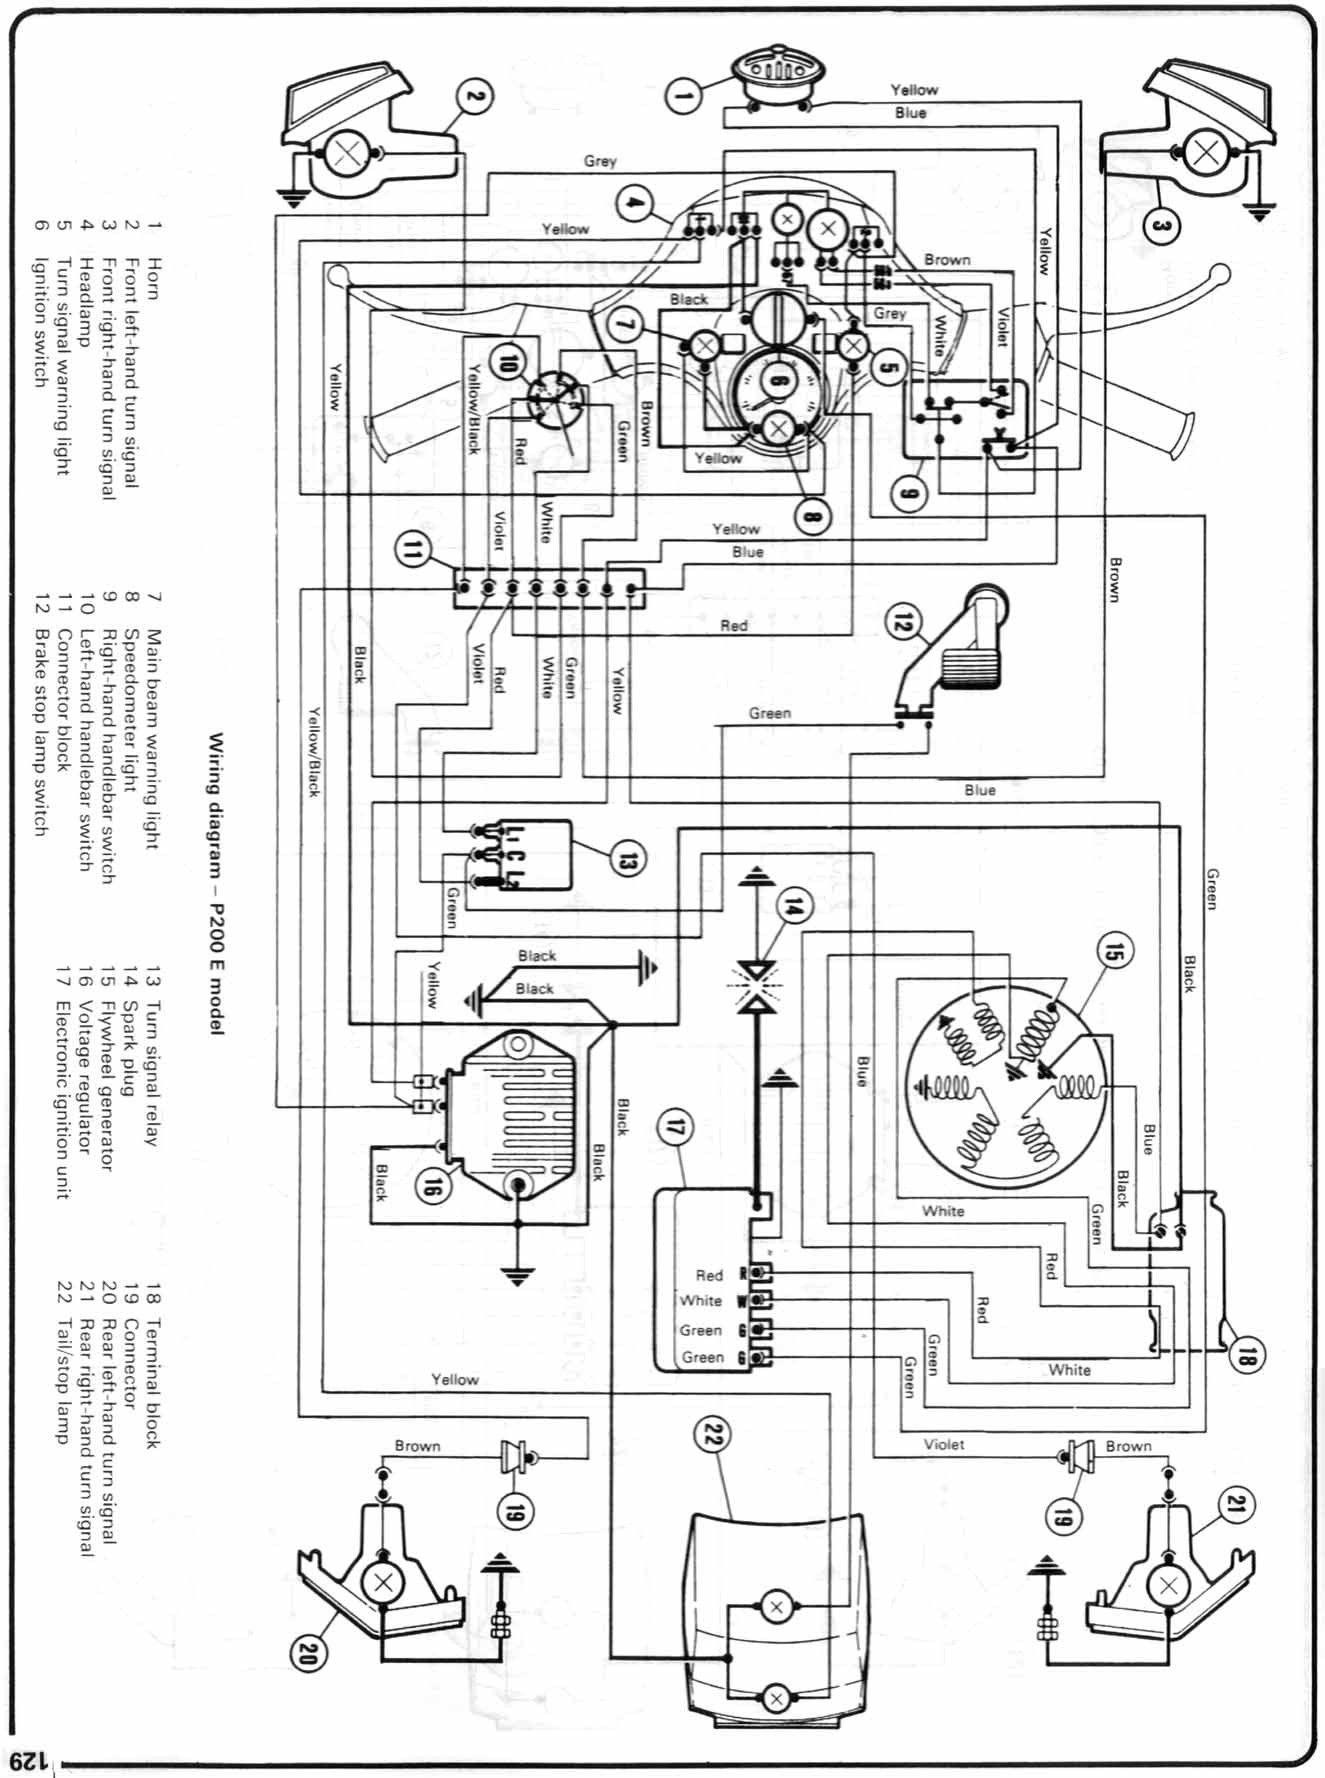 Unique Lambretta Ac Wiring Diagram With Images